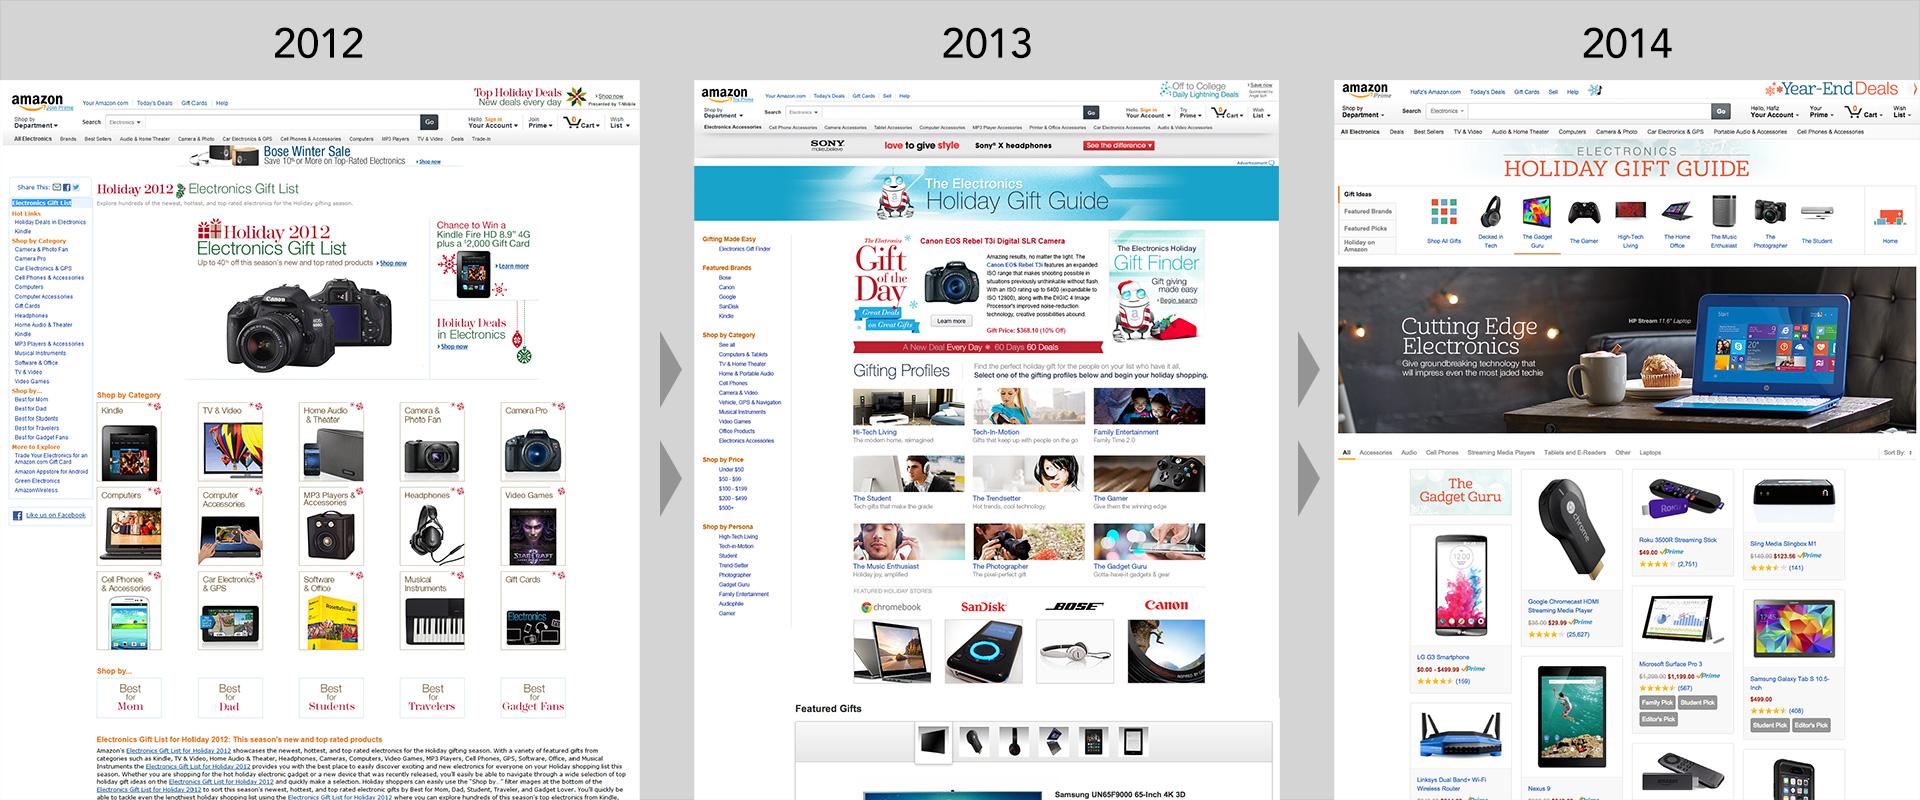 EGG_EVOLUTION_2012-to-2014